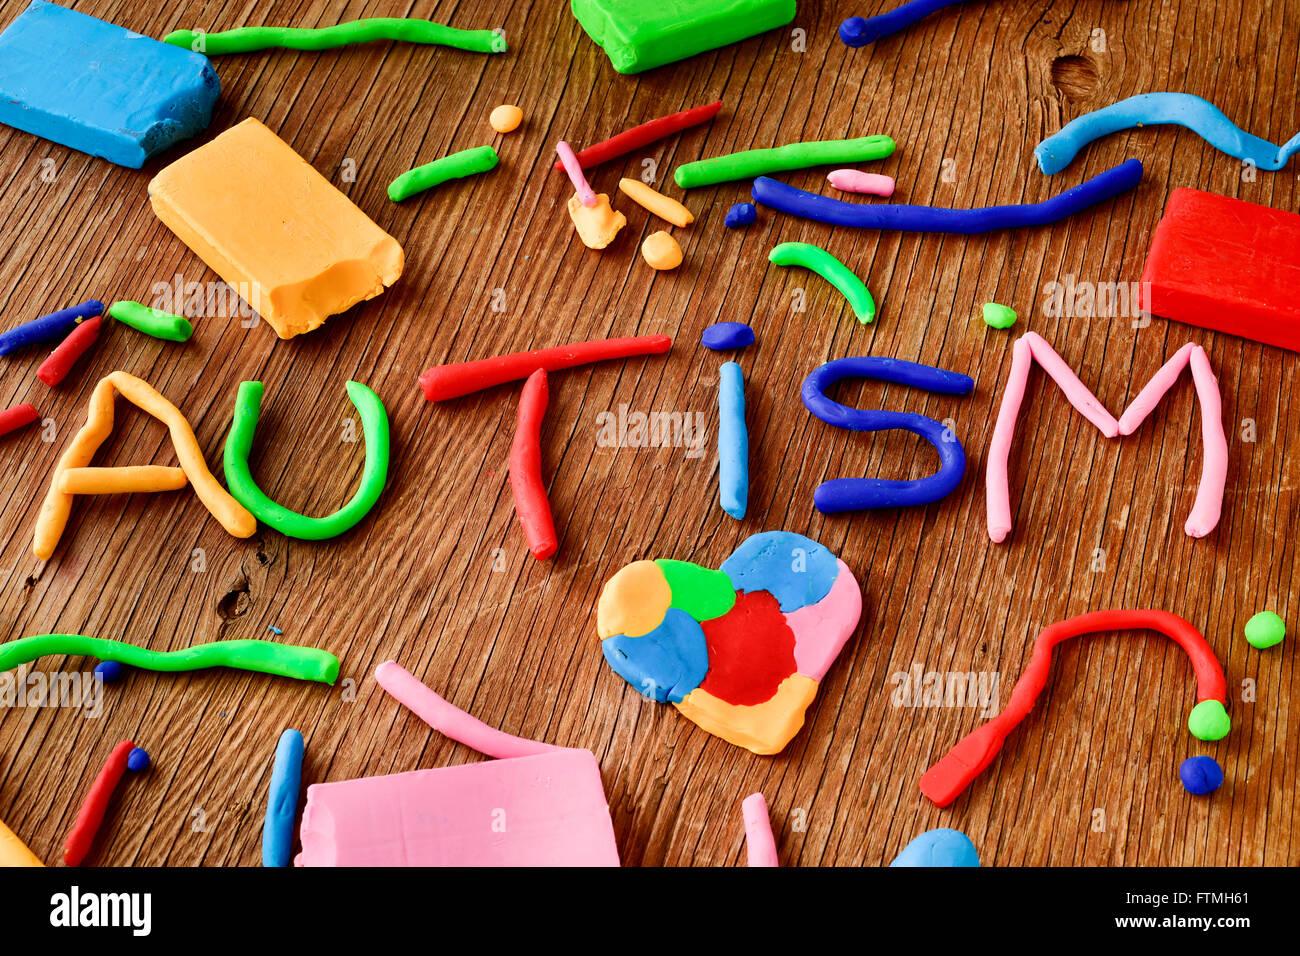 La parola autismo realizzato da creta per modellare di diversi colori su un rustico di una superficie di legno Immagini Stock